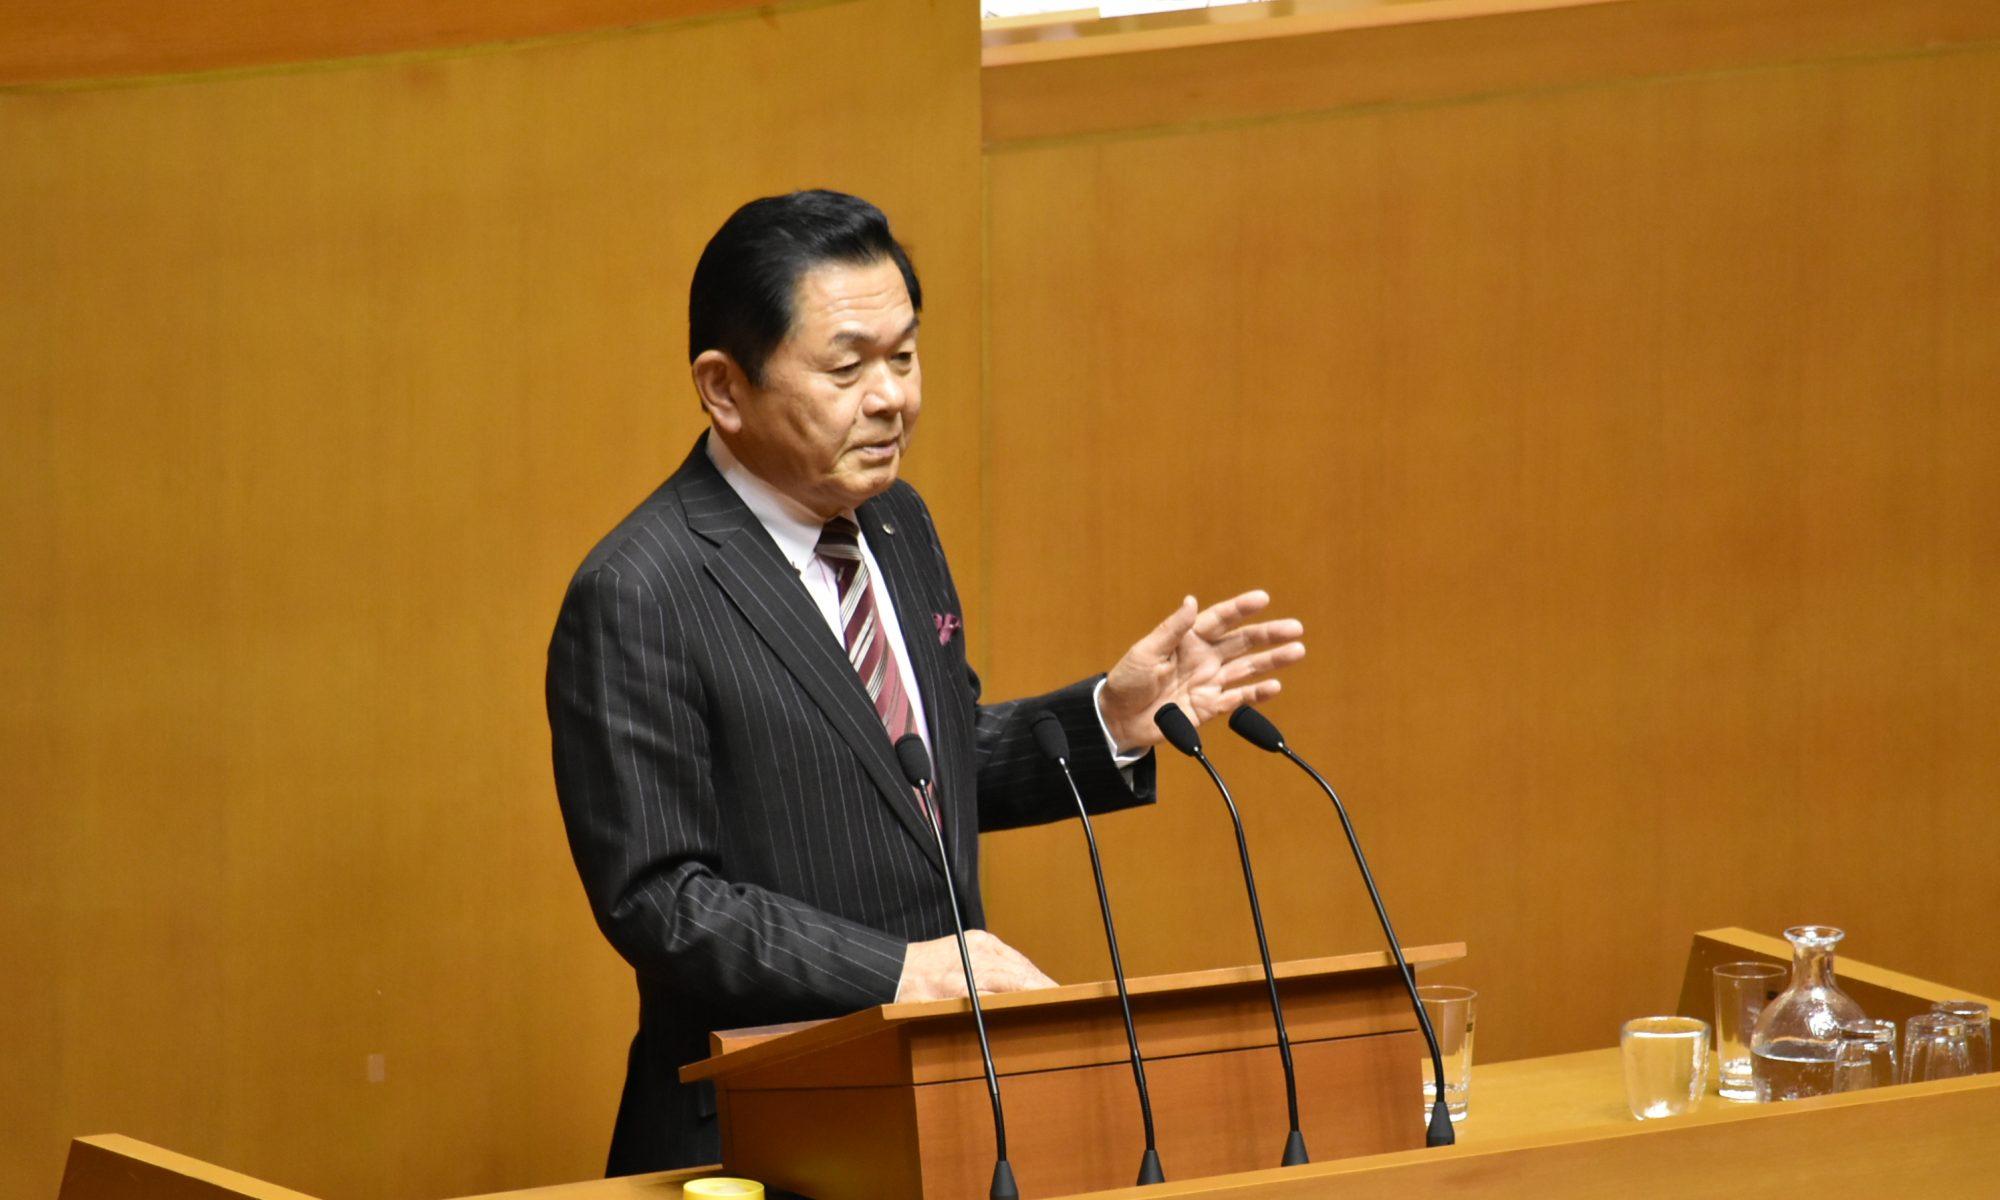 福岡県議会議員 吉村敏男(よしむら としお)